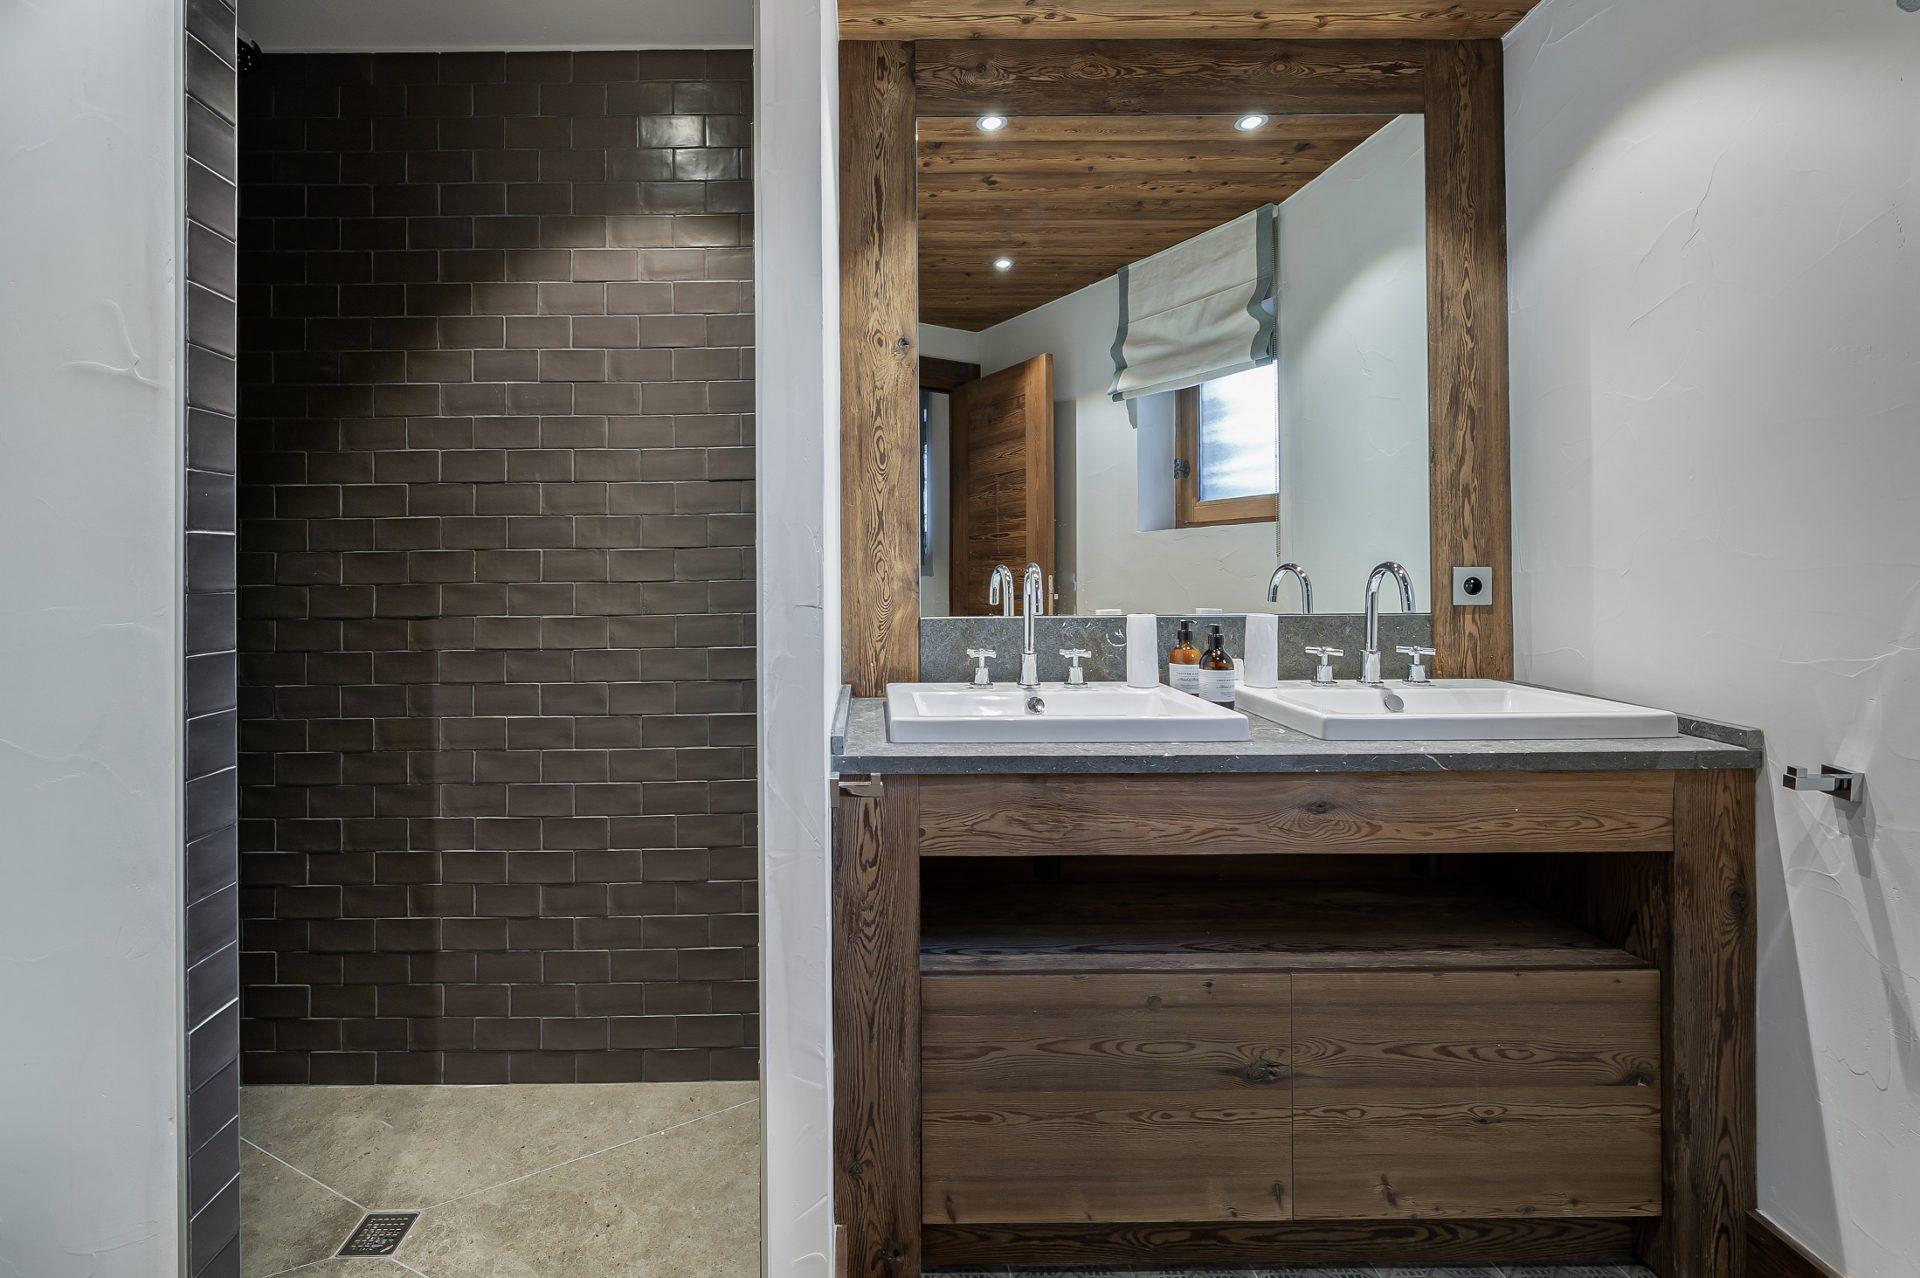 L'Epicerie / Appartement 1 / Salle de bain / Saint Martin de Belleville, Savoie